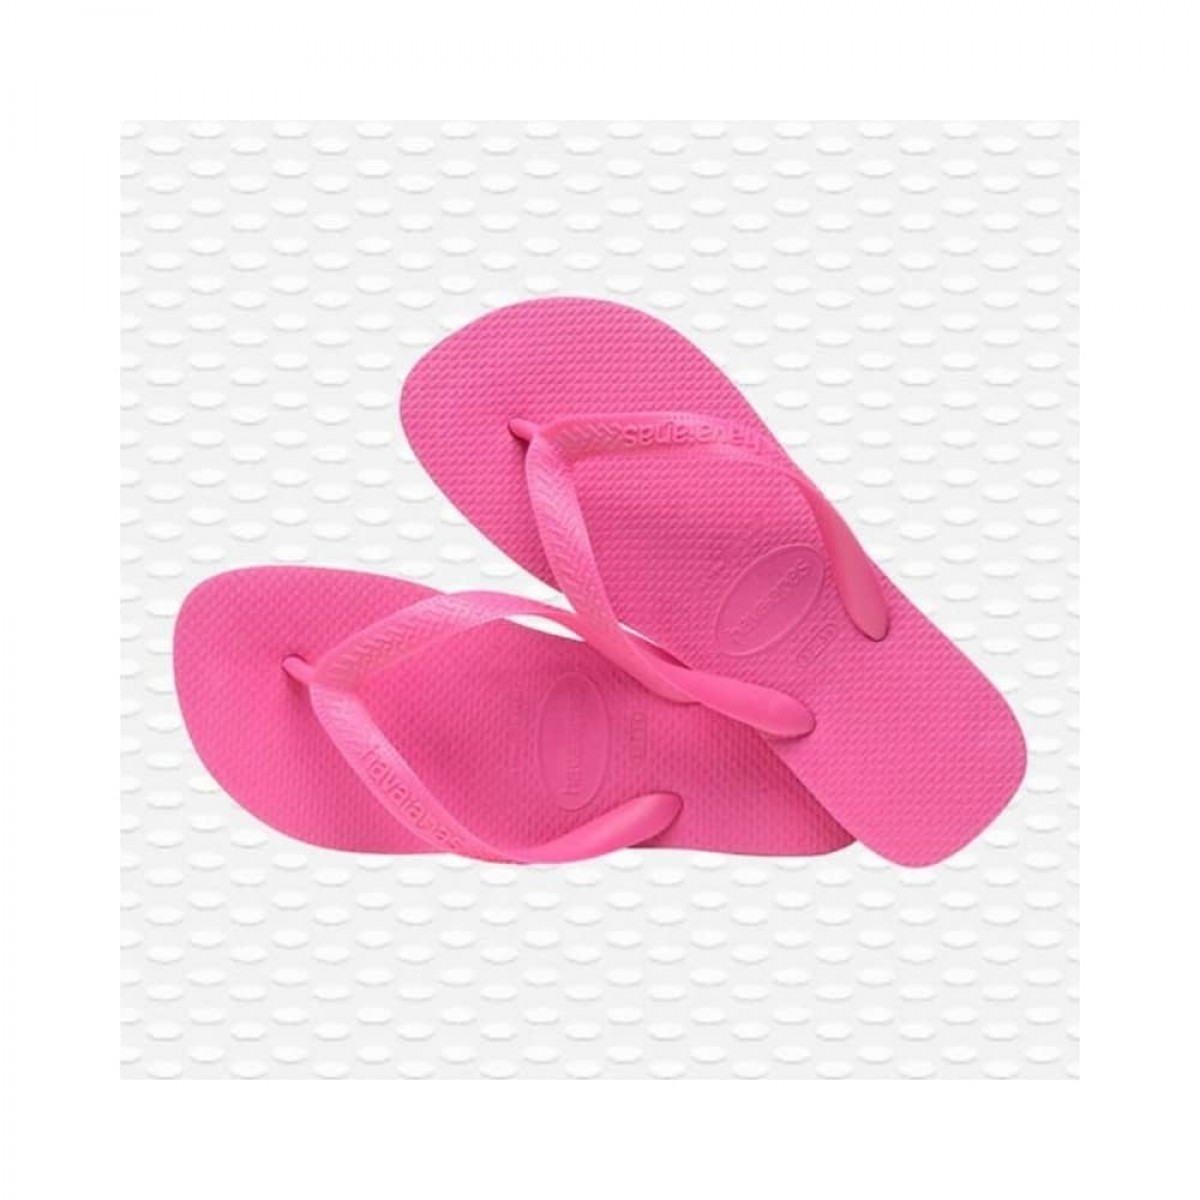 havaianas top - pink flux